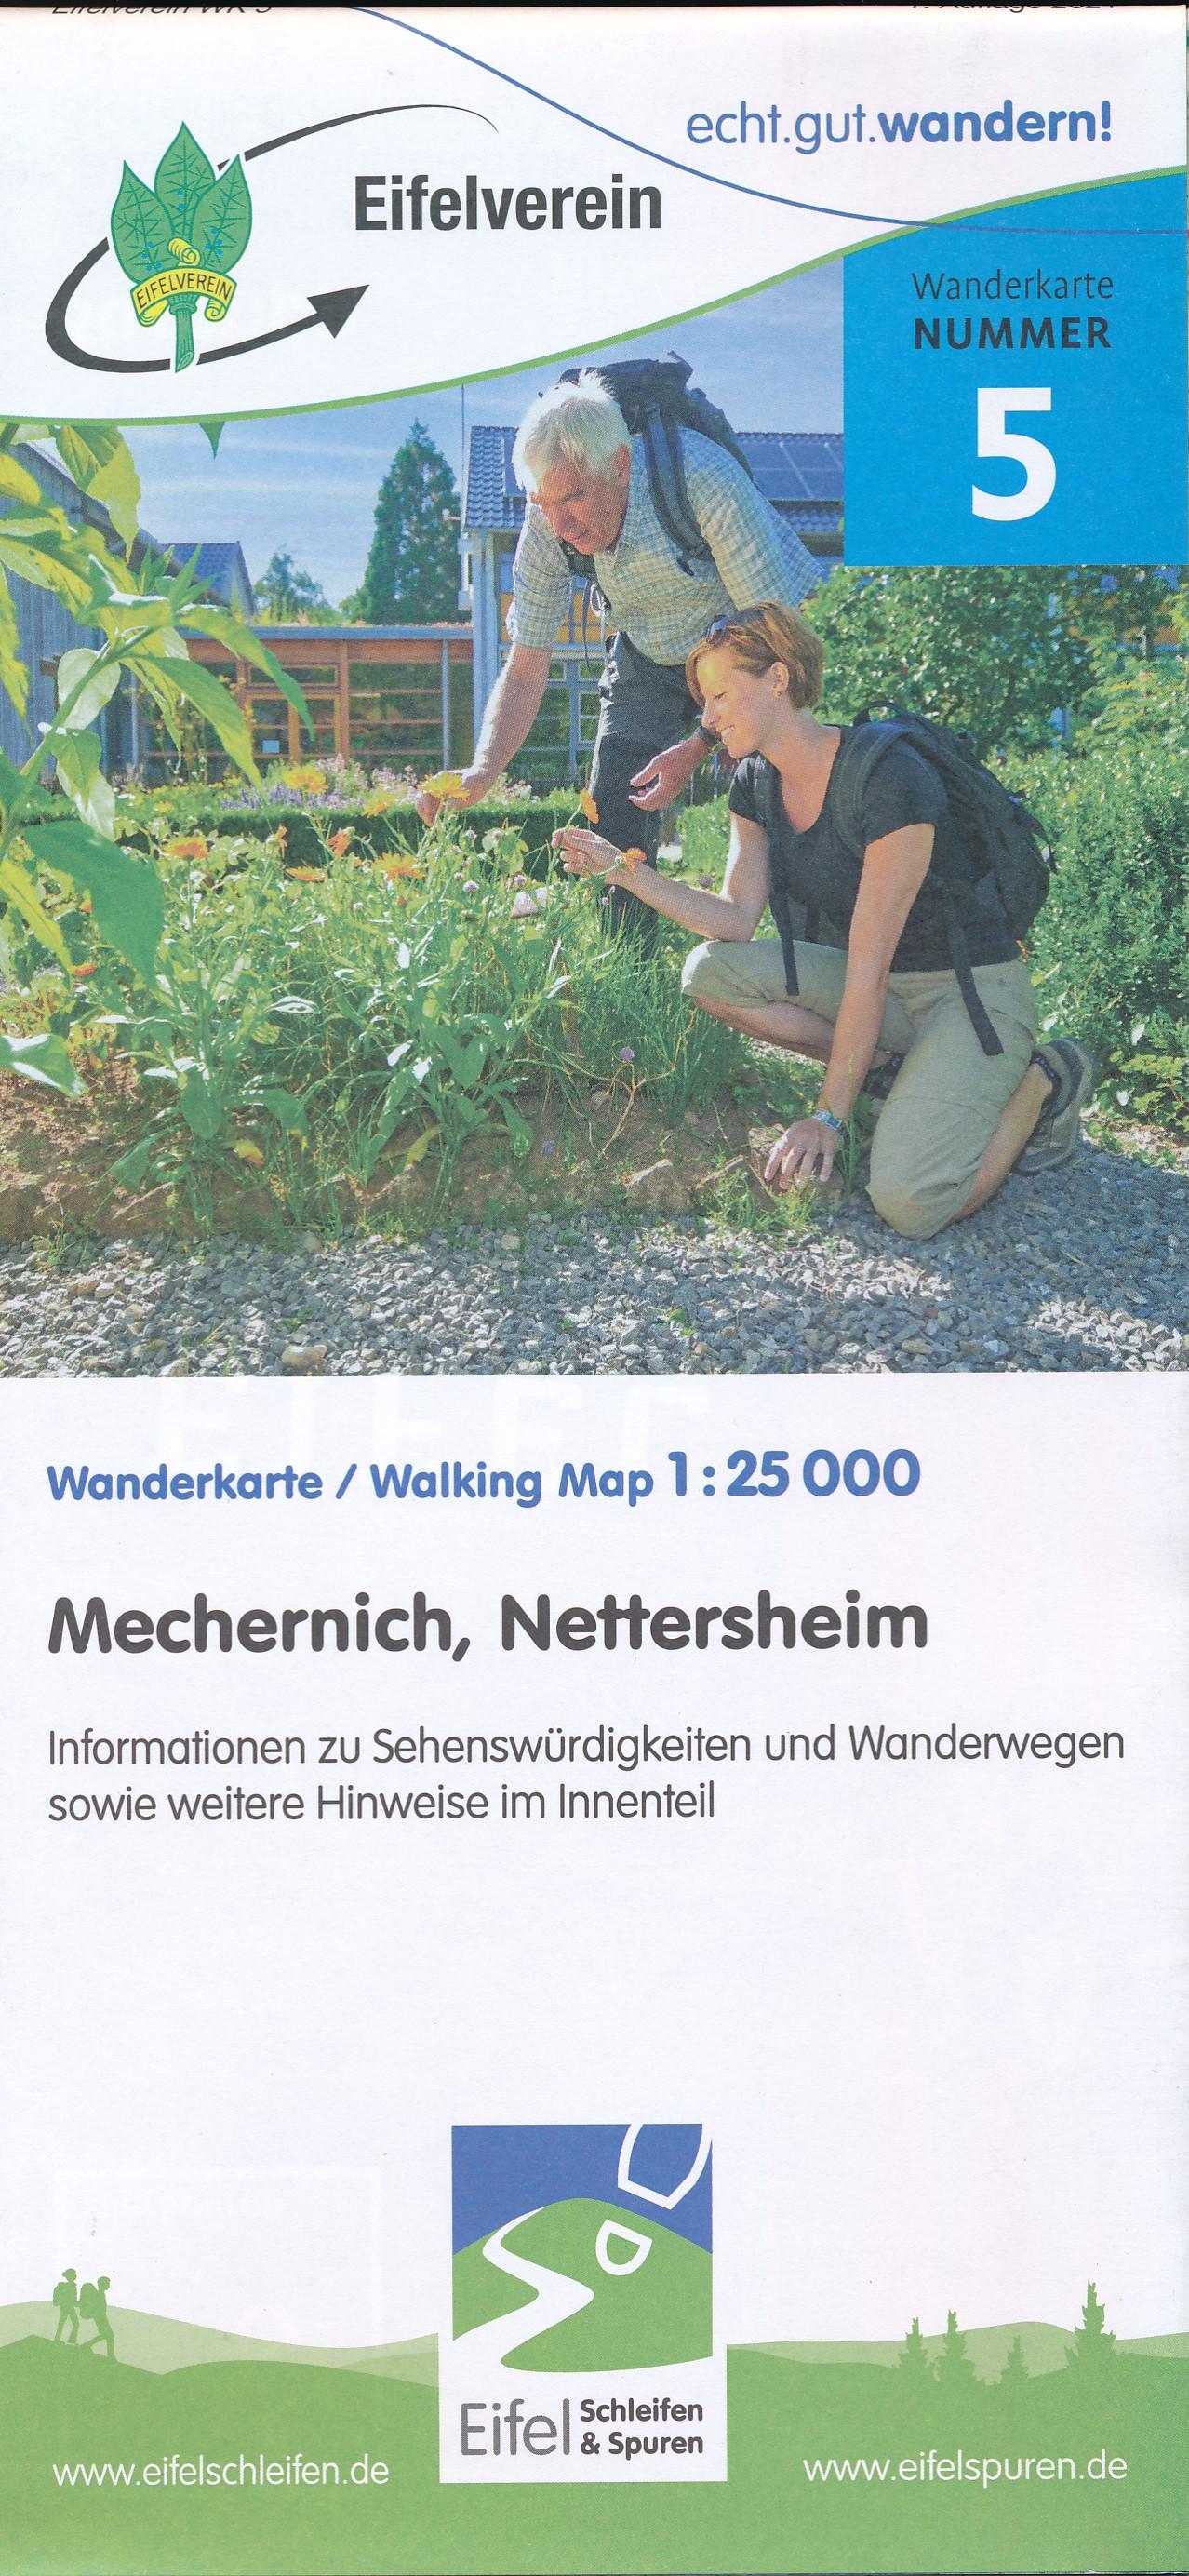 Wandelkaart 05 Nettersheim - Mechernich - Eifel | Eifelverein de zwerver